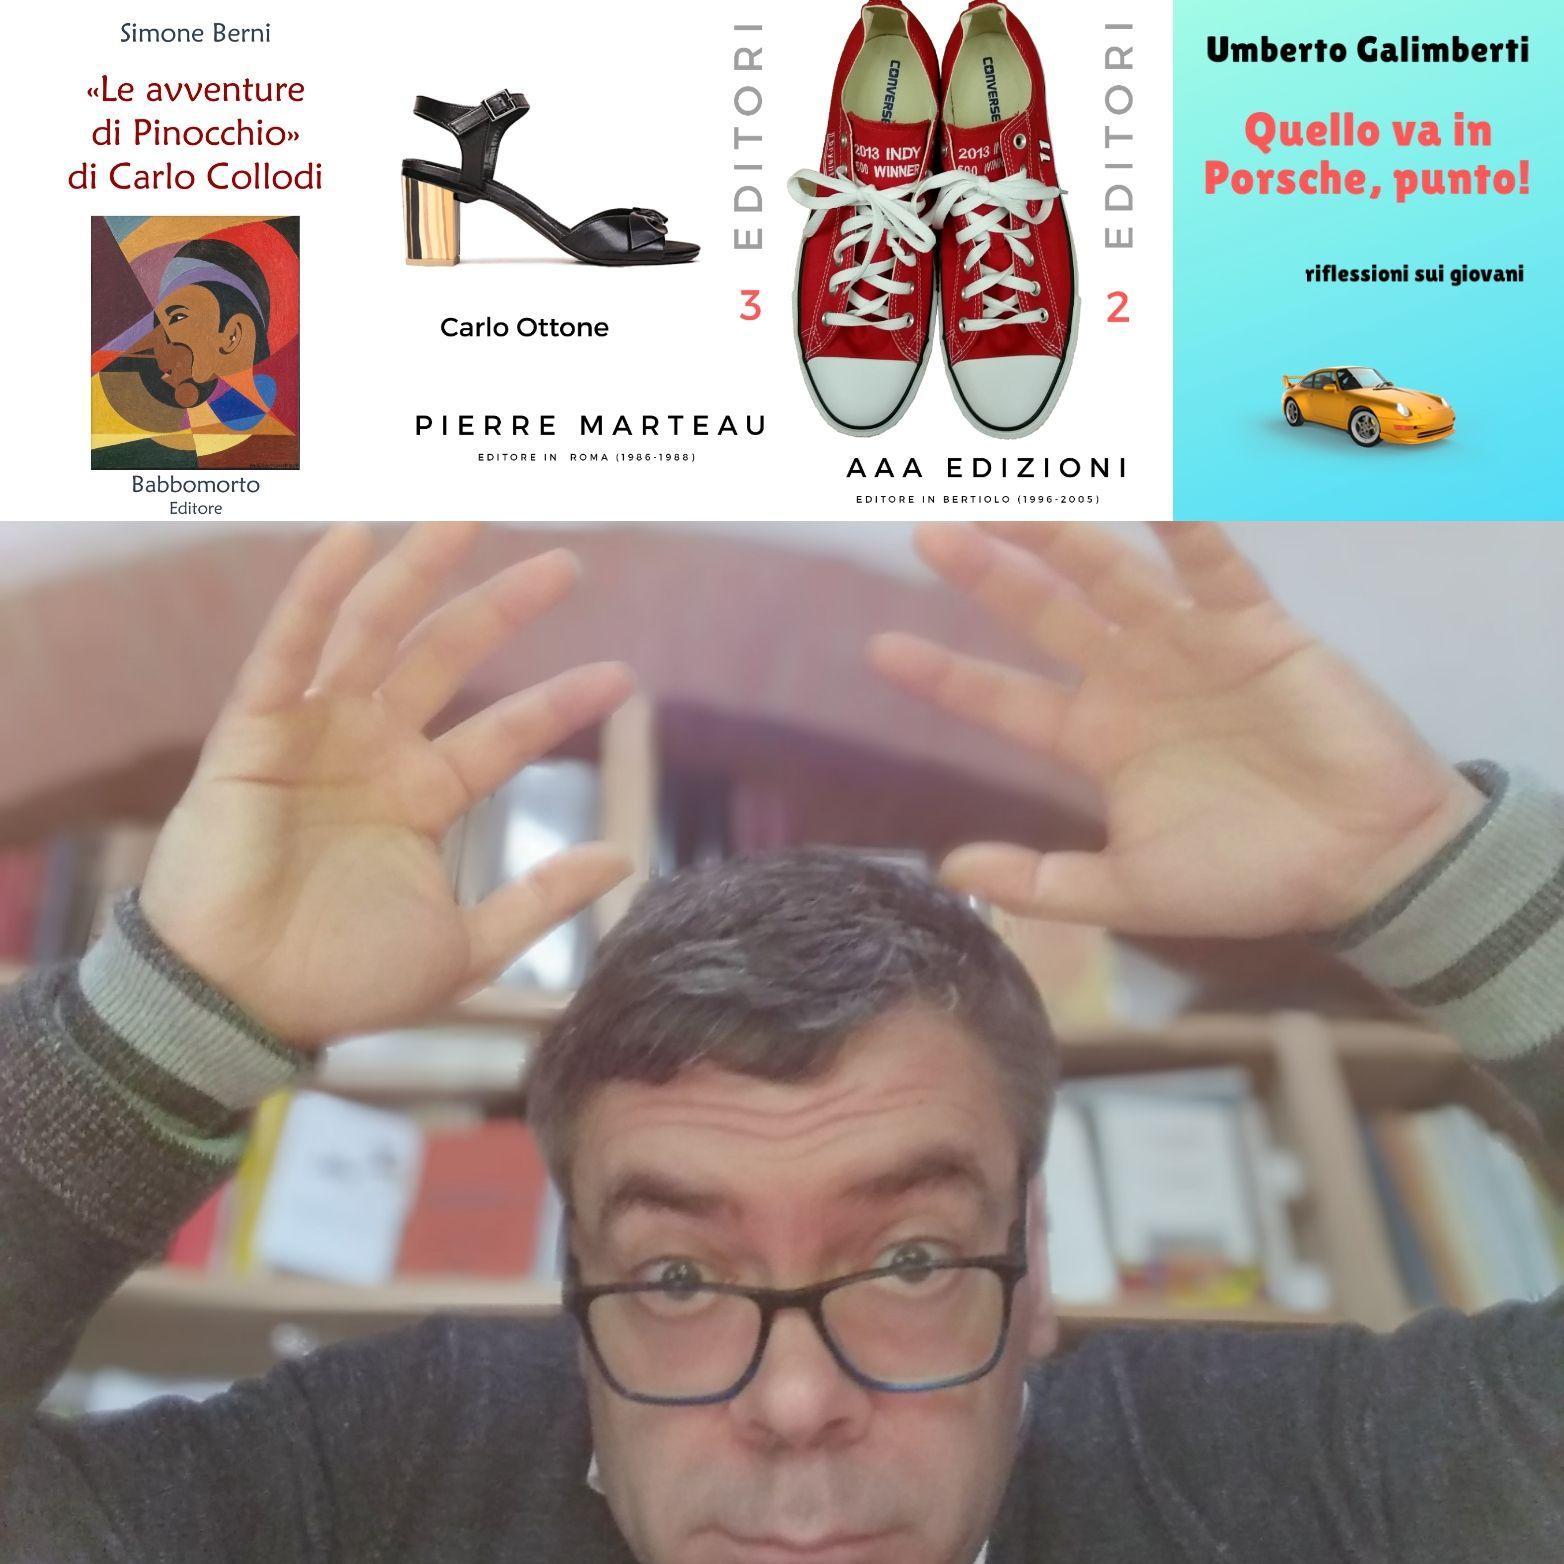 Aiuto! Le novità mi schiacciano! Venite a Cesena il 16-17 Novembre…